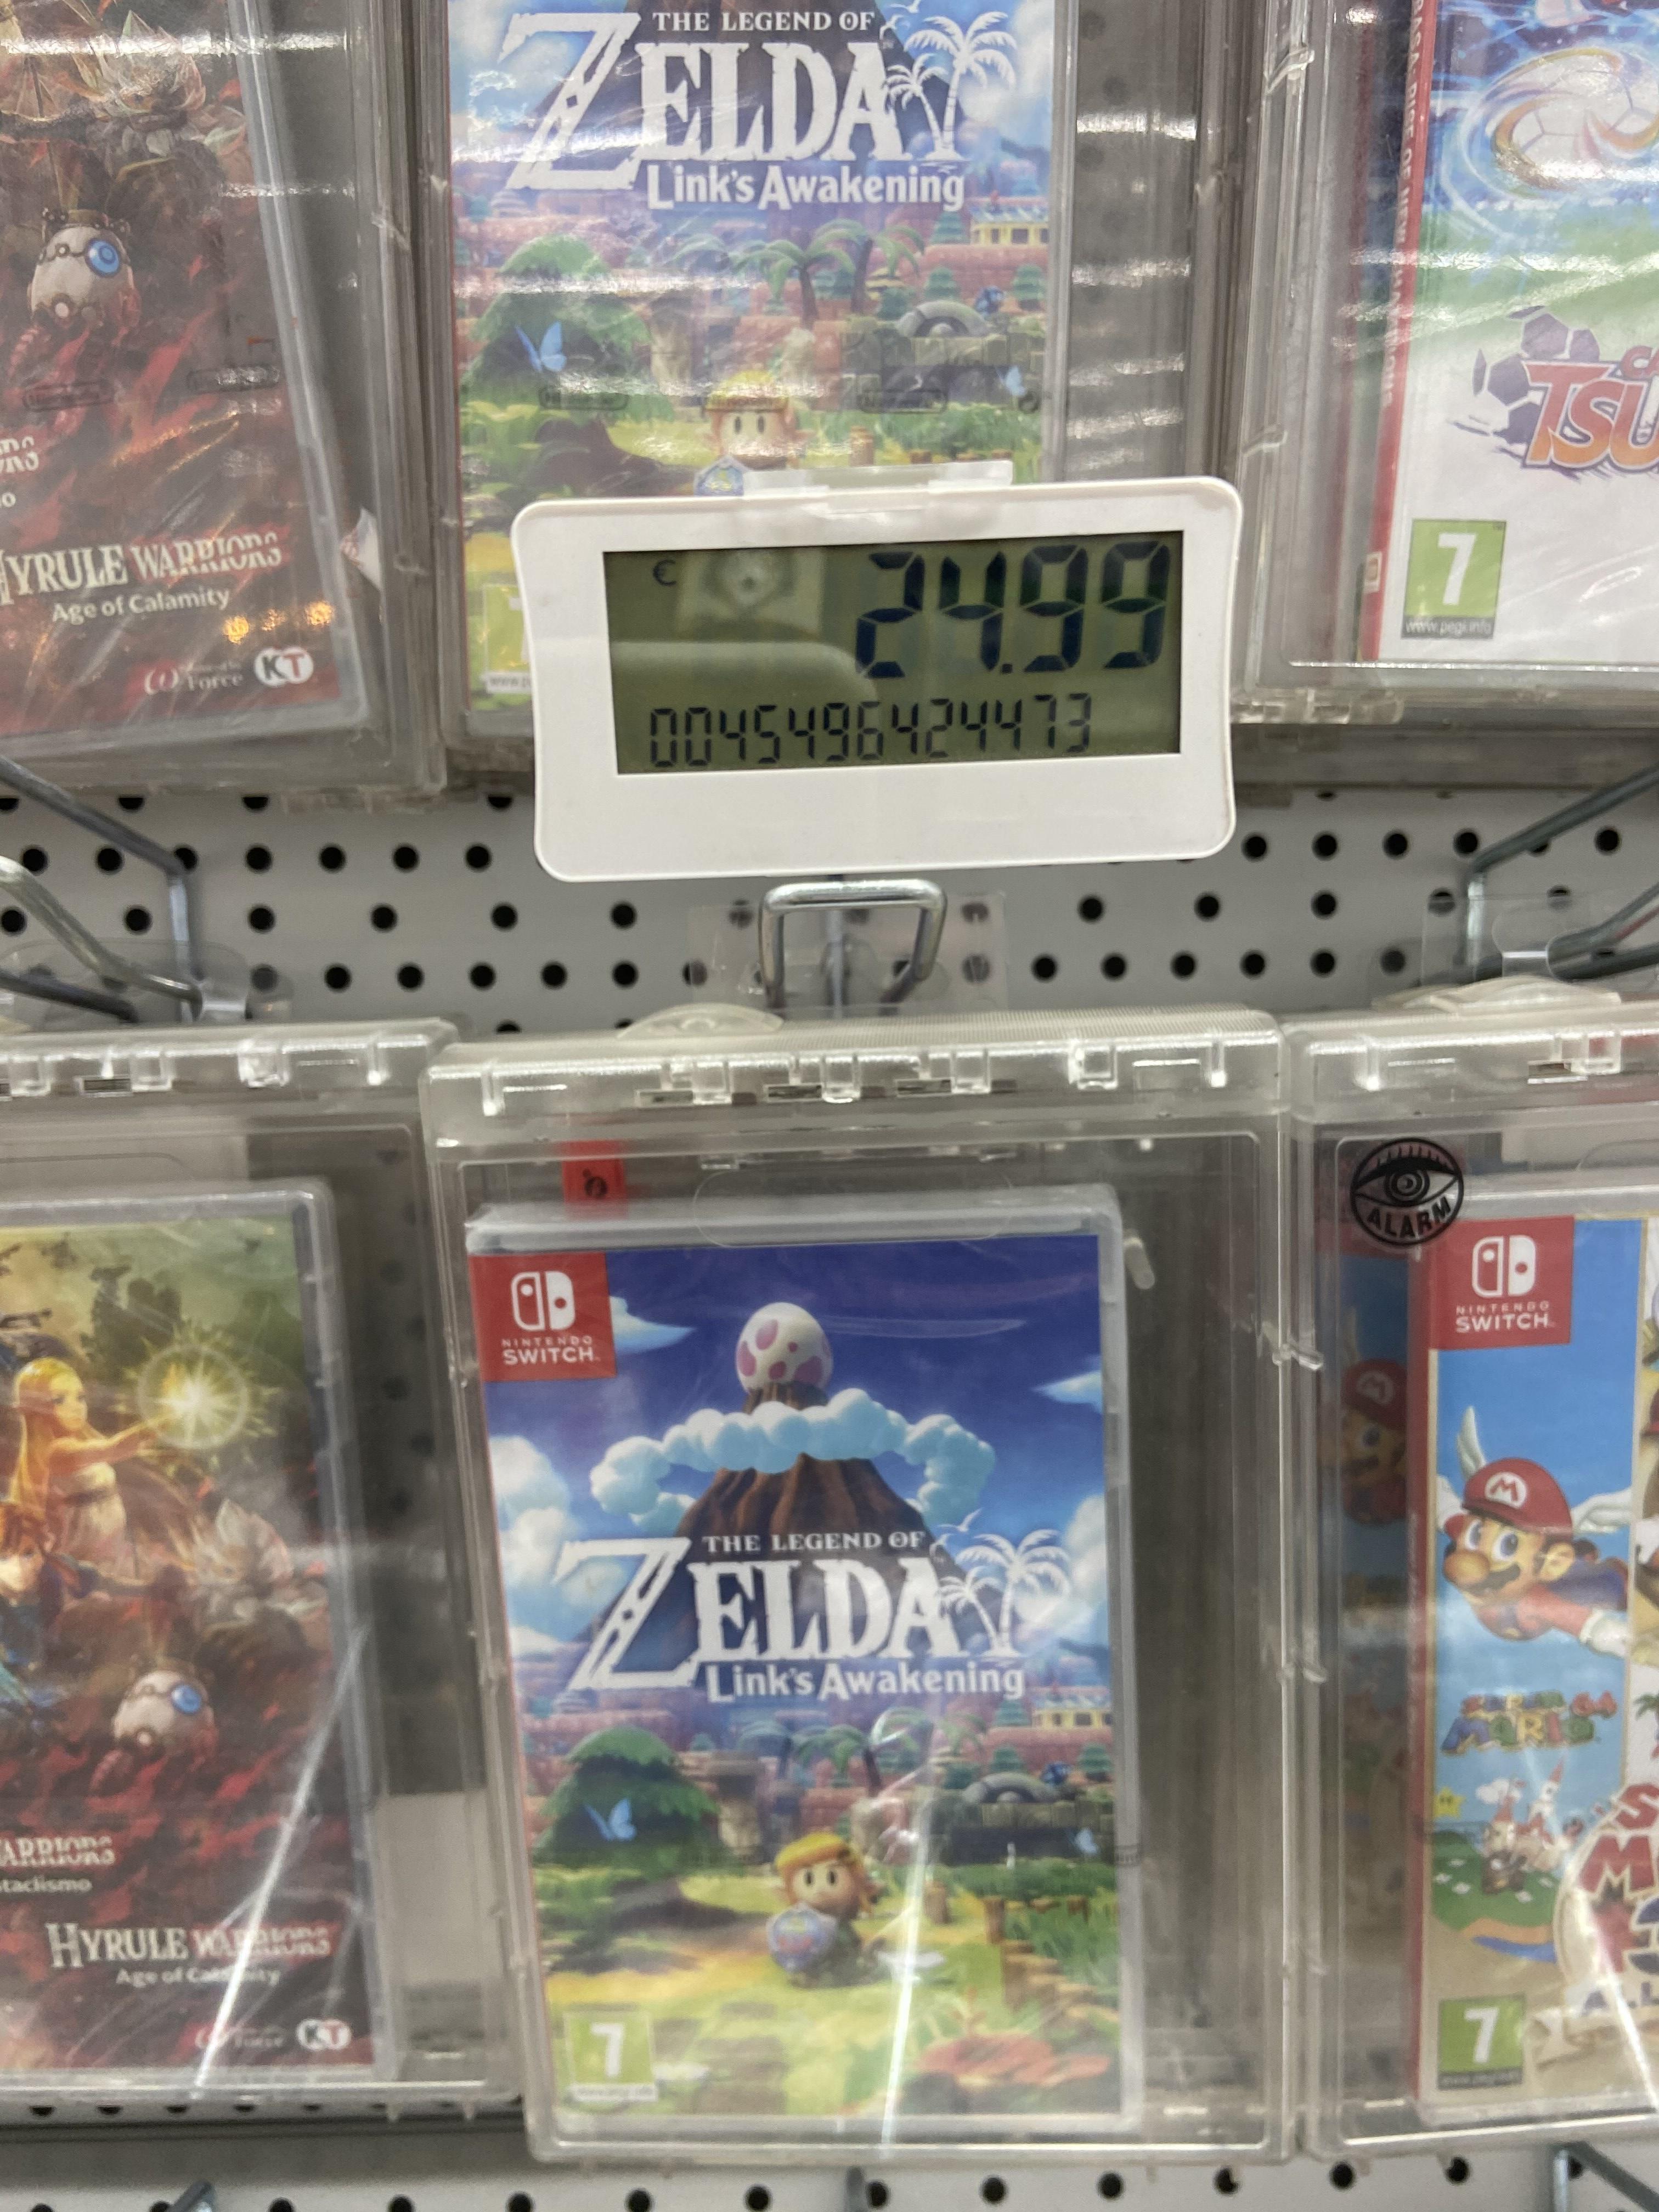 Zelda Link's Awakening (Nintendo Switch) en MediaMarkt palacio de congresos (Valencia)